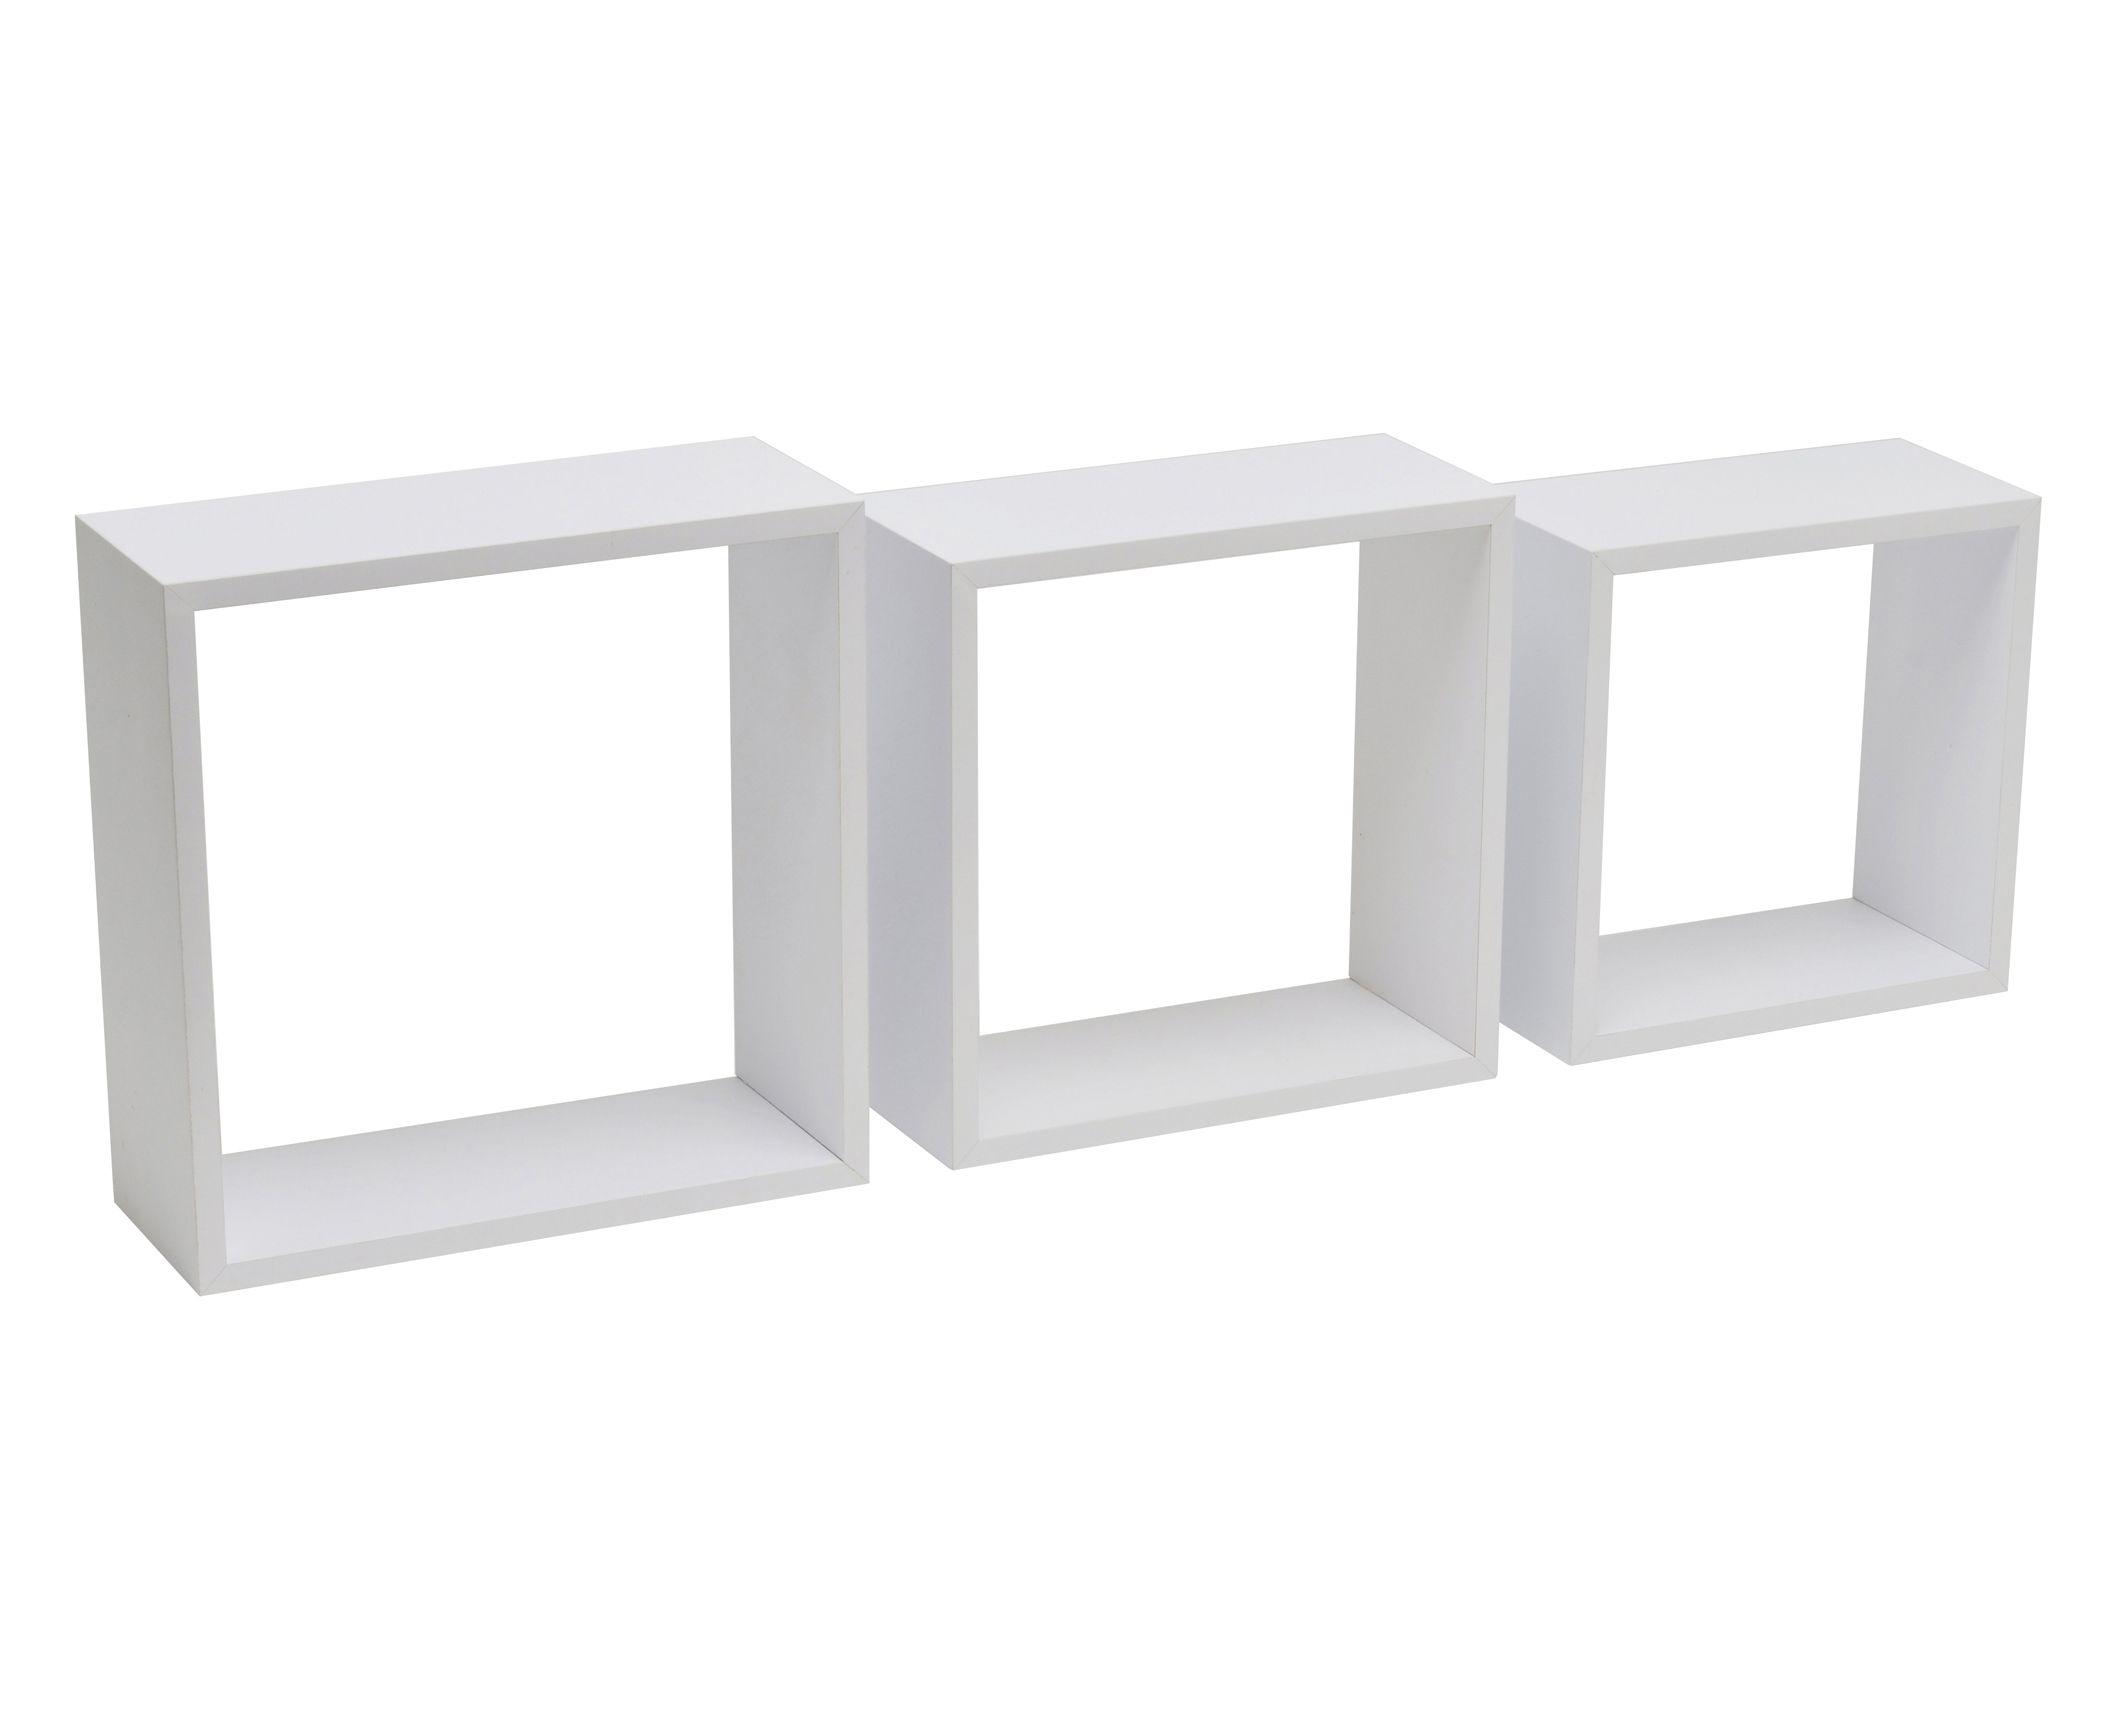 Aki set of 3 cubos cuadrados decorativos bathroom revamp ideas pinterest cubos - Vinilos decorativos aki ...